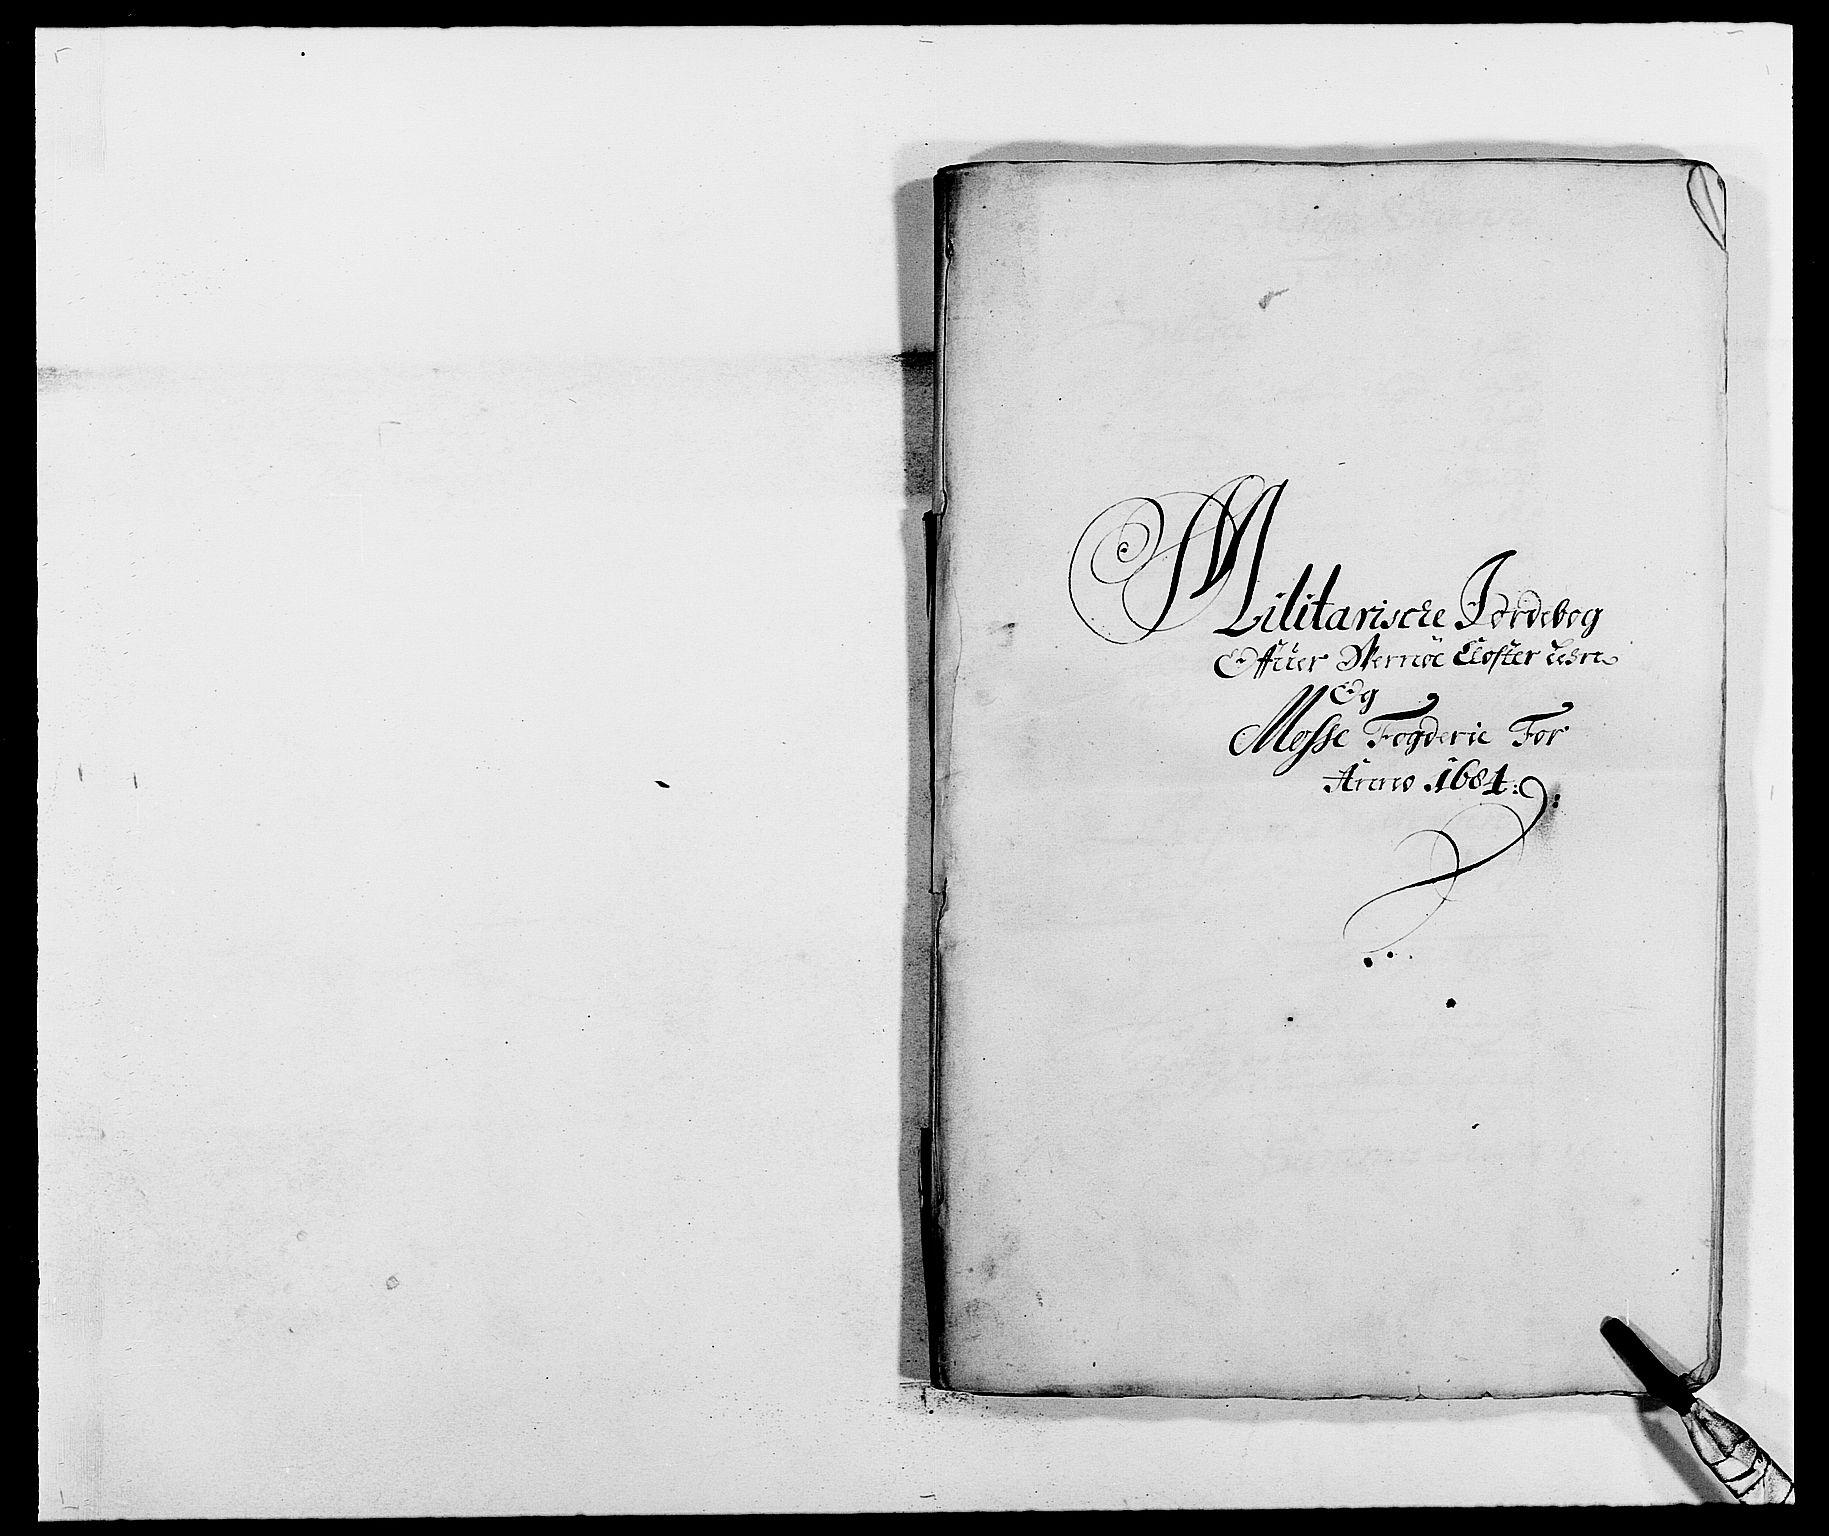 RA, Rentekammeret inntil 1814, Reviderte regnskaper, Fogderegnskap, R02/L0104: Fogderegnskap Moss og Verne kloster, 1682-1684, s. 159